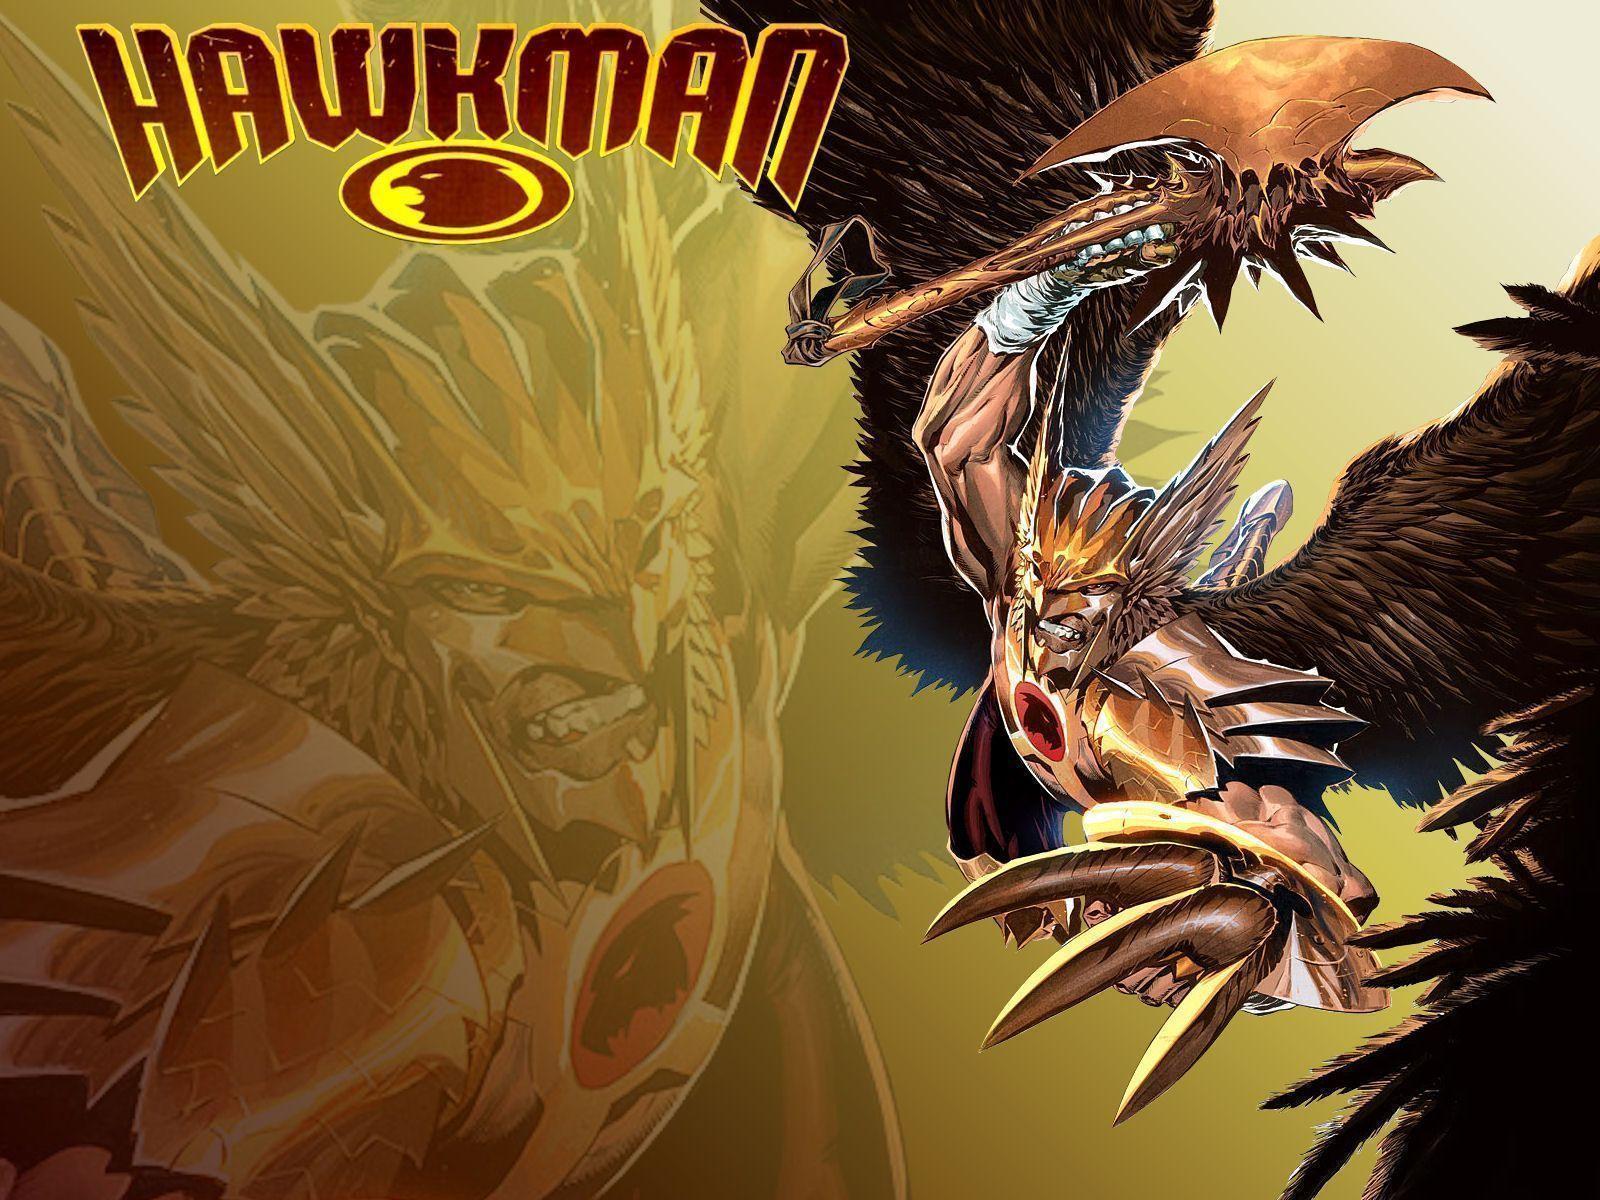 Hawkman Wallpapers 1600x1200